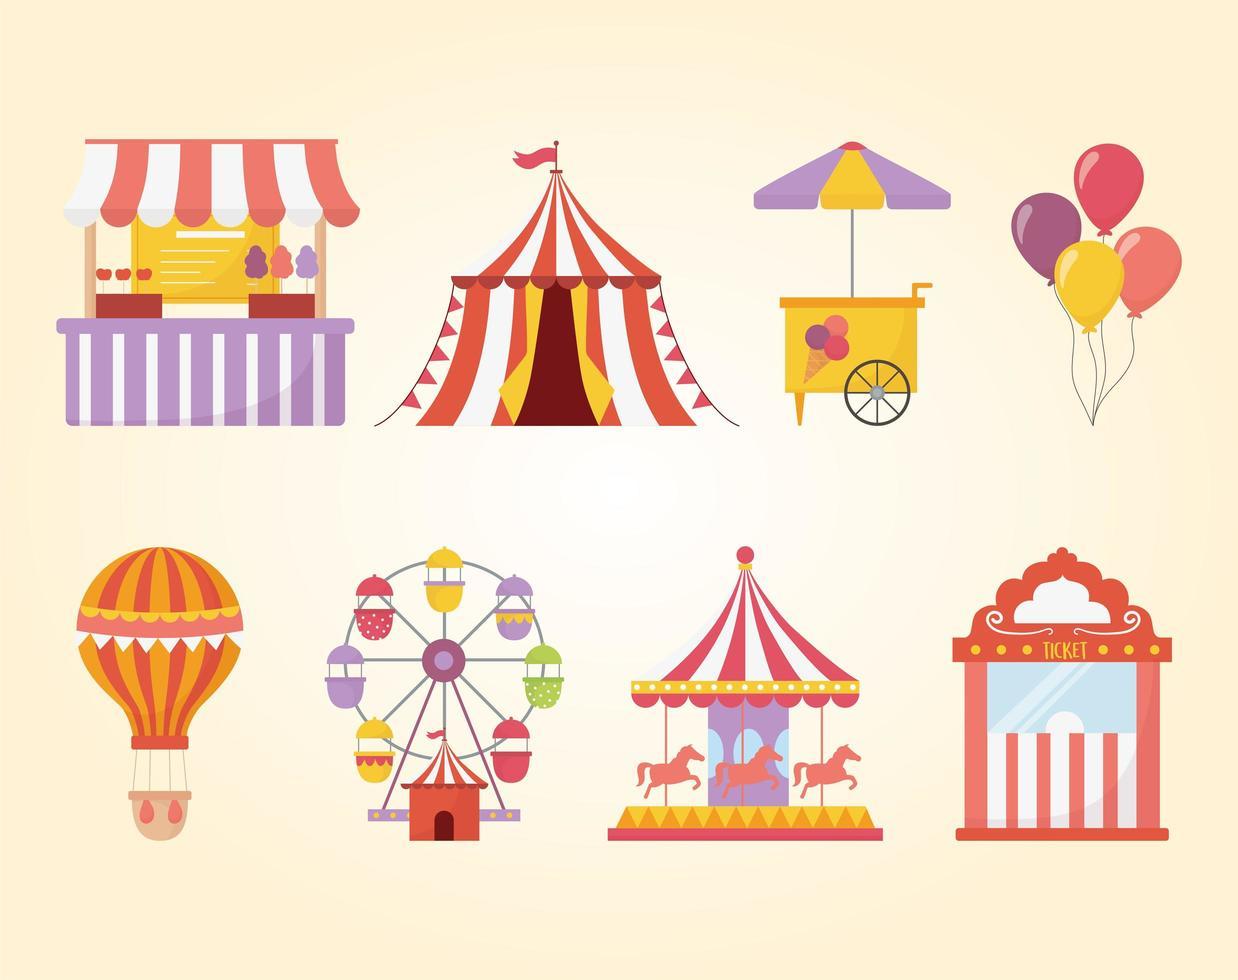 fête foraine, carnaval et divertissement jeu d'icônes de loisirs vecteur